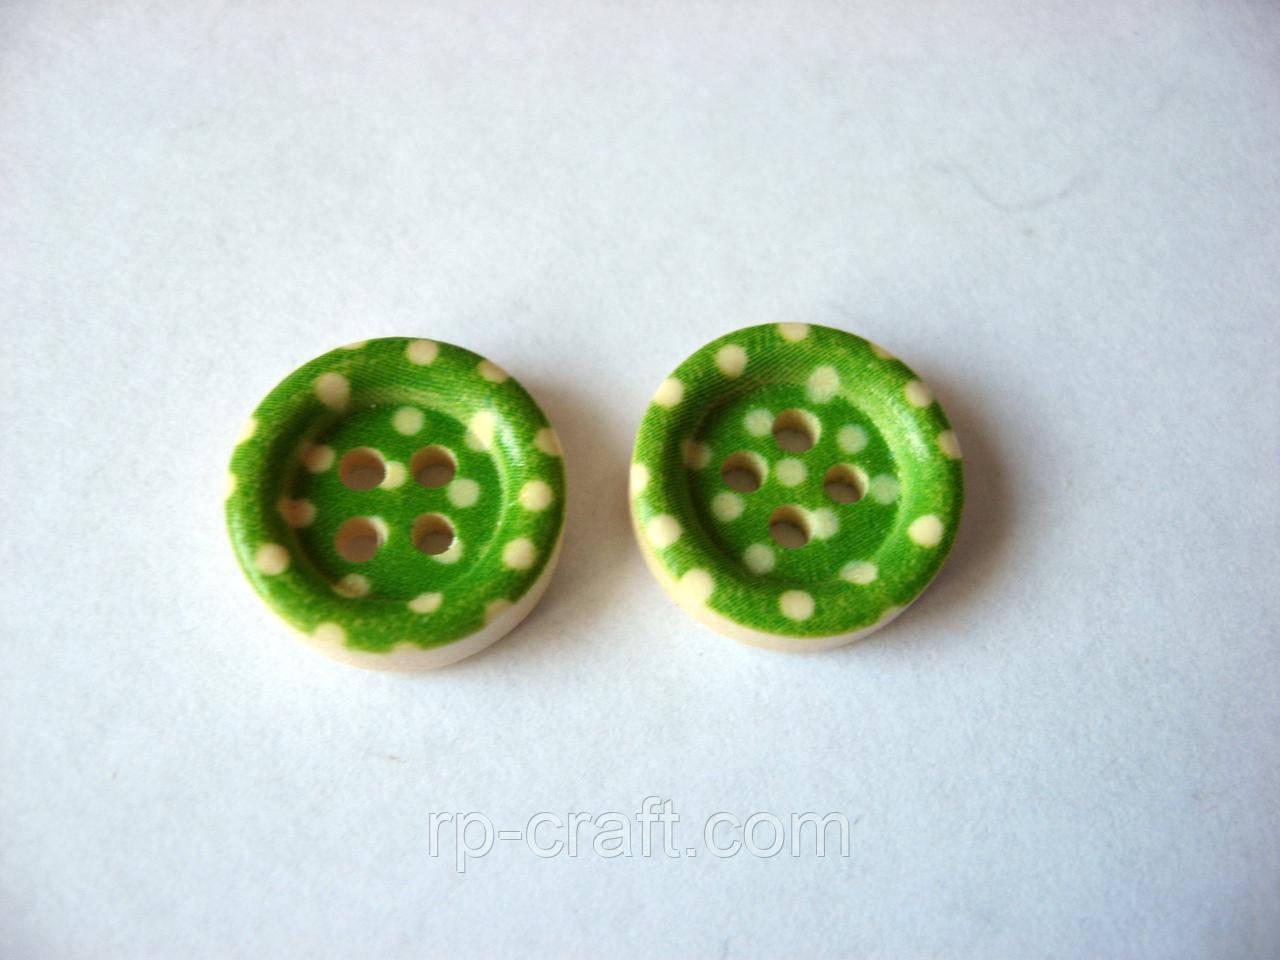 Пуговица деревянная, круглая в горошек, 13 мм, зеленая